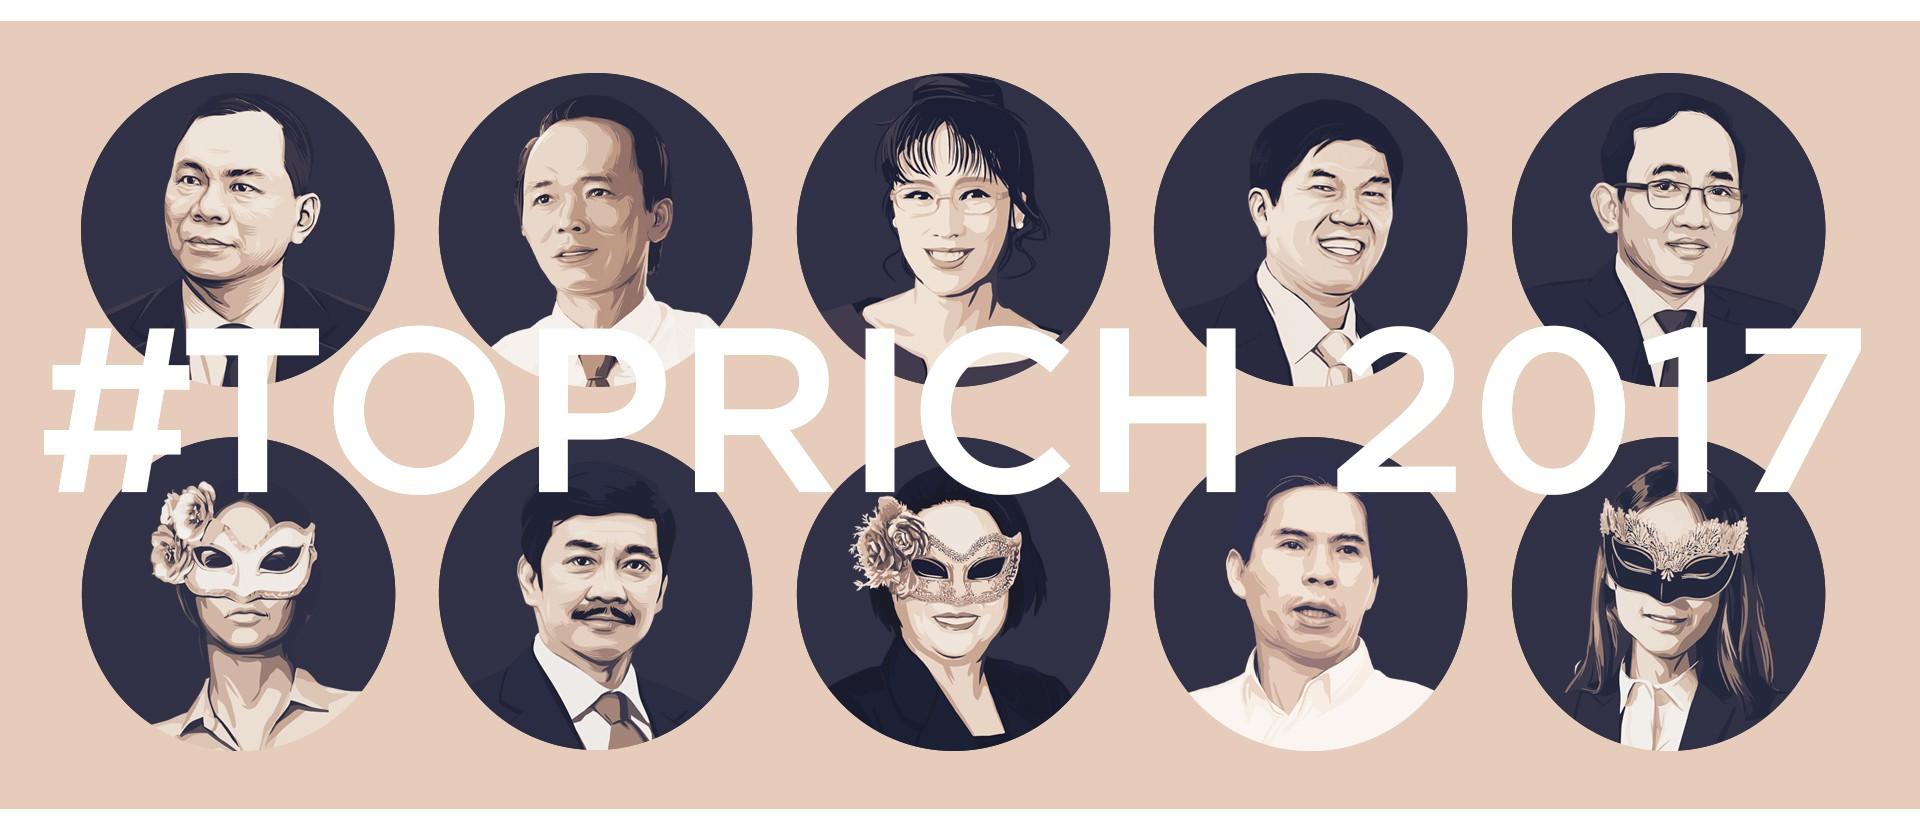 Sau một năm thăng hoa, tổng tài sản của 10 người giàu nhất sàn chứng khoán tăng gần gấp 3 lên 270.000 tỷ đồng - Ảnh 6.